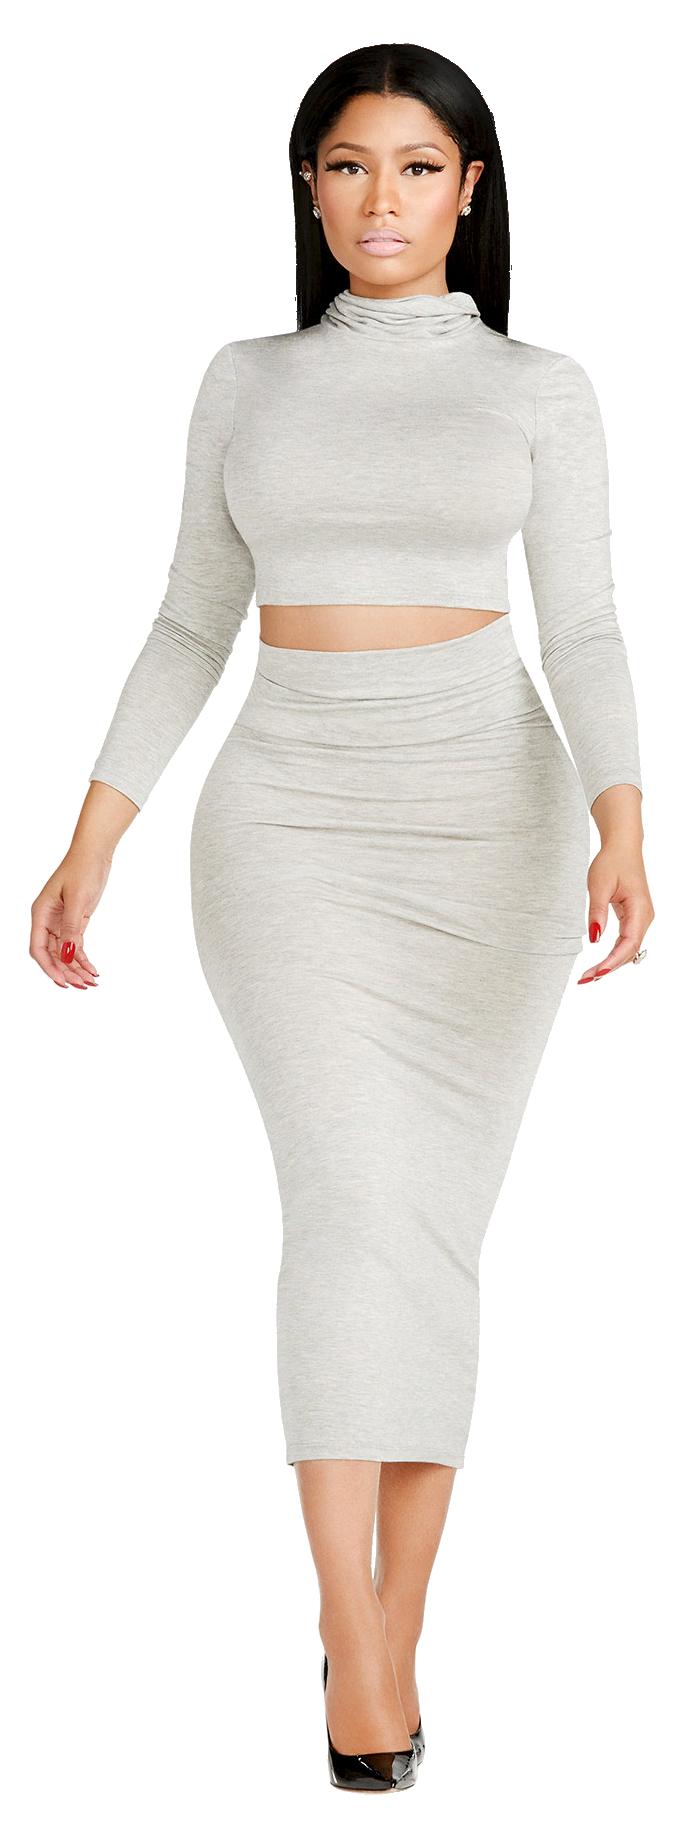 Nicki Minaj Png